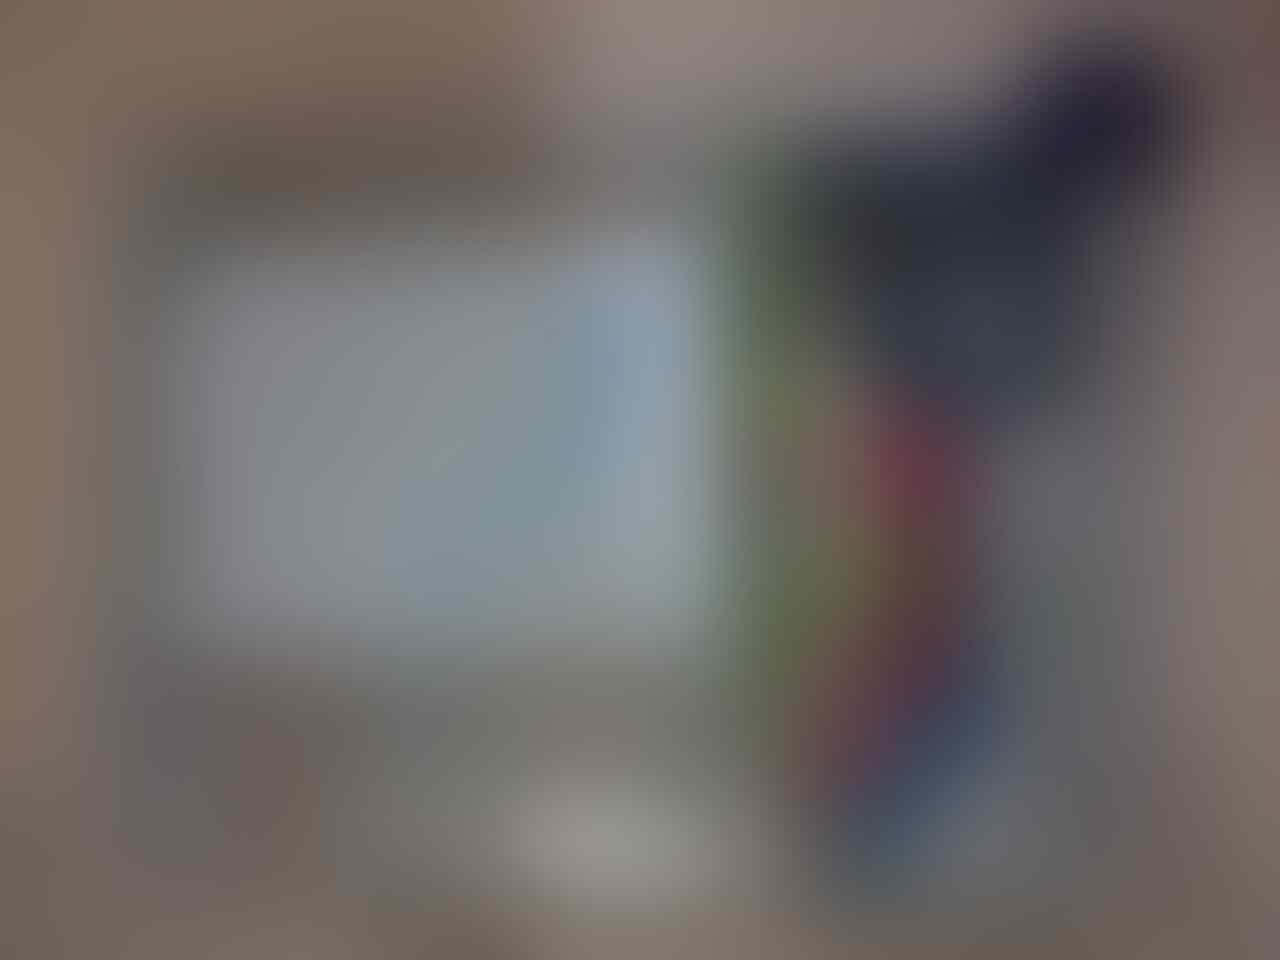 Galaxy Ace 2 White OS 4.1.2 JellyBean Lengkap, Grs pjg, Mulus, Dan Murah gan.. Mau???